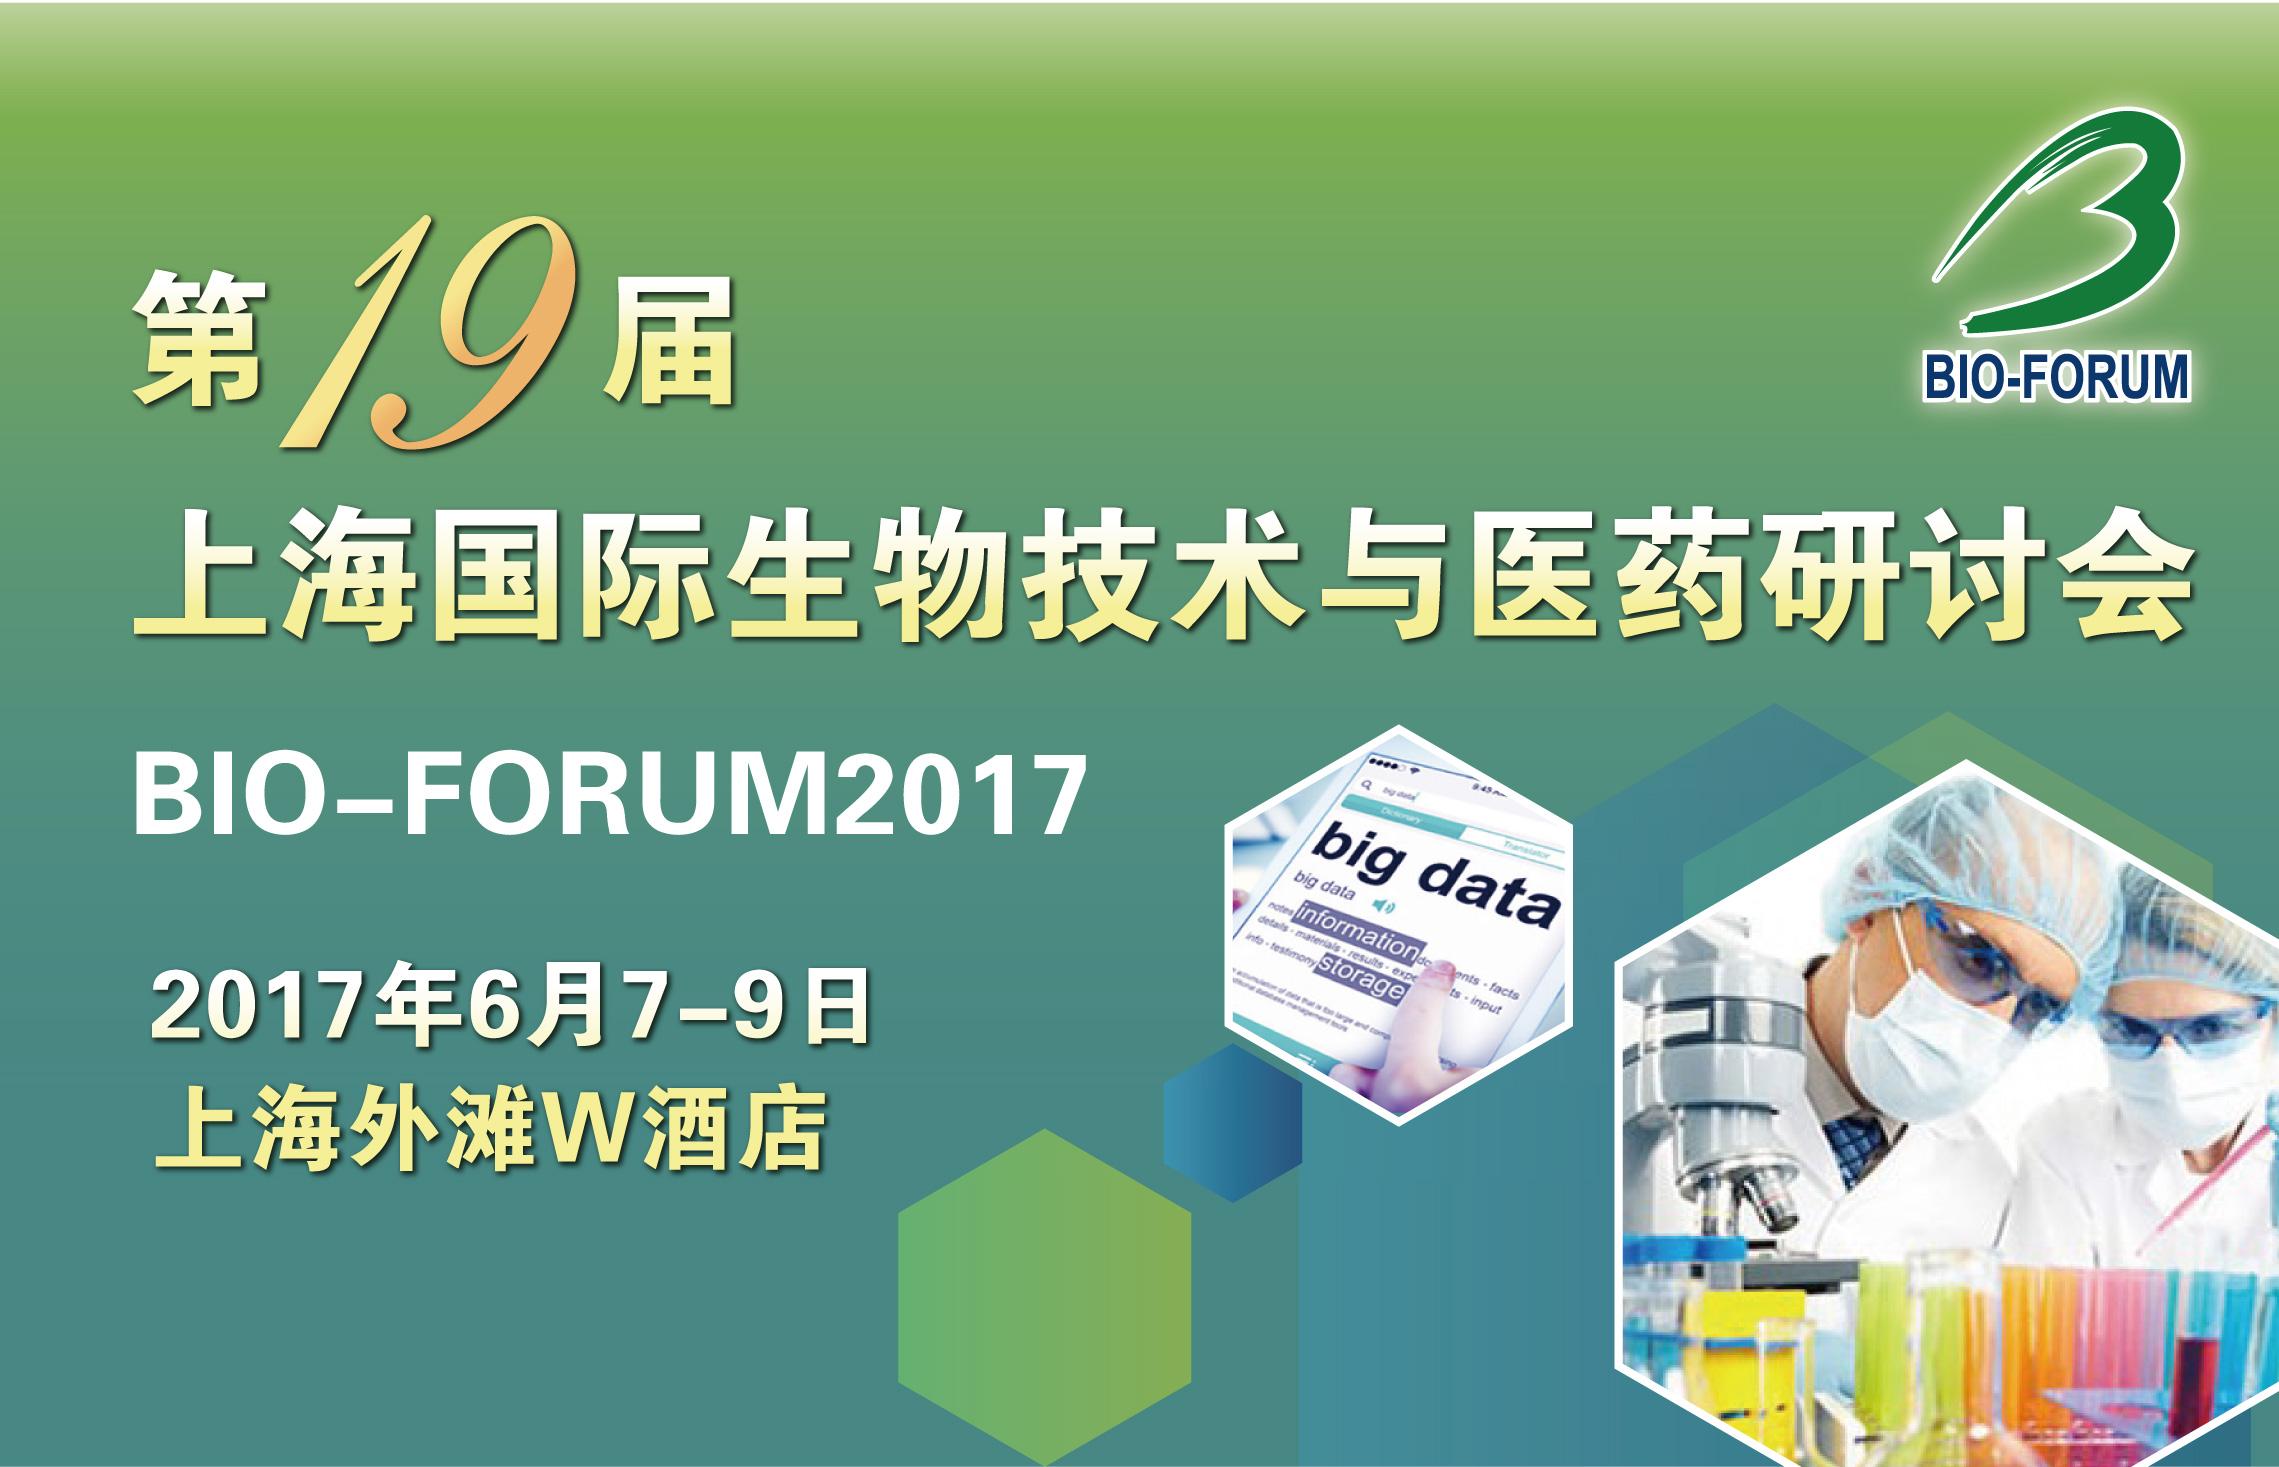 第19届上海国际生物技术与医药研讨会(BIO-FORUM 2017)